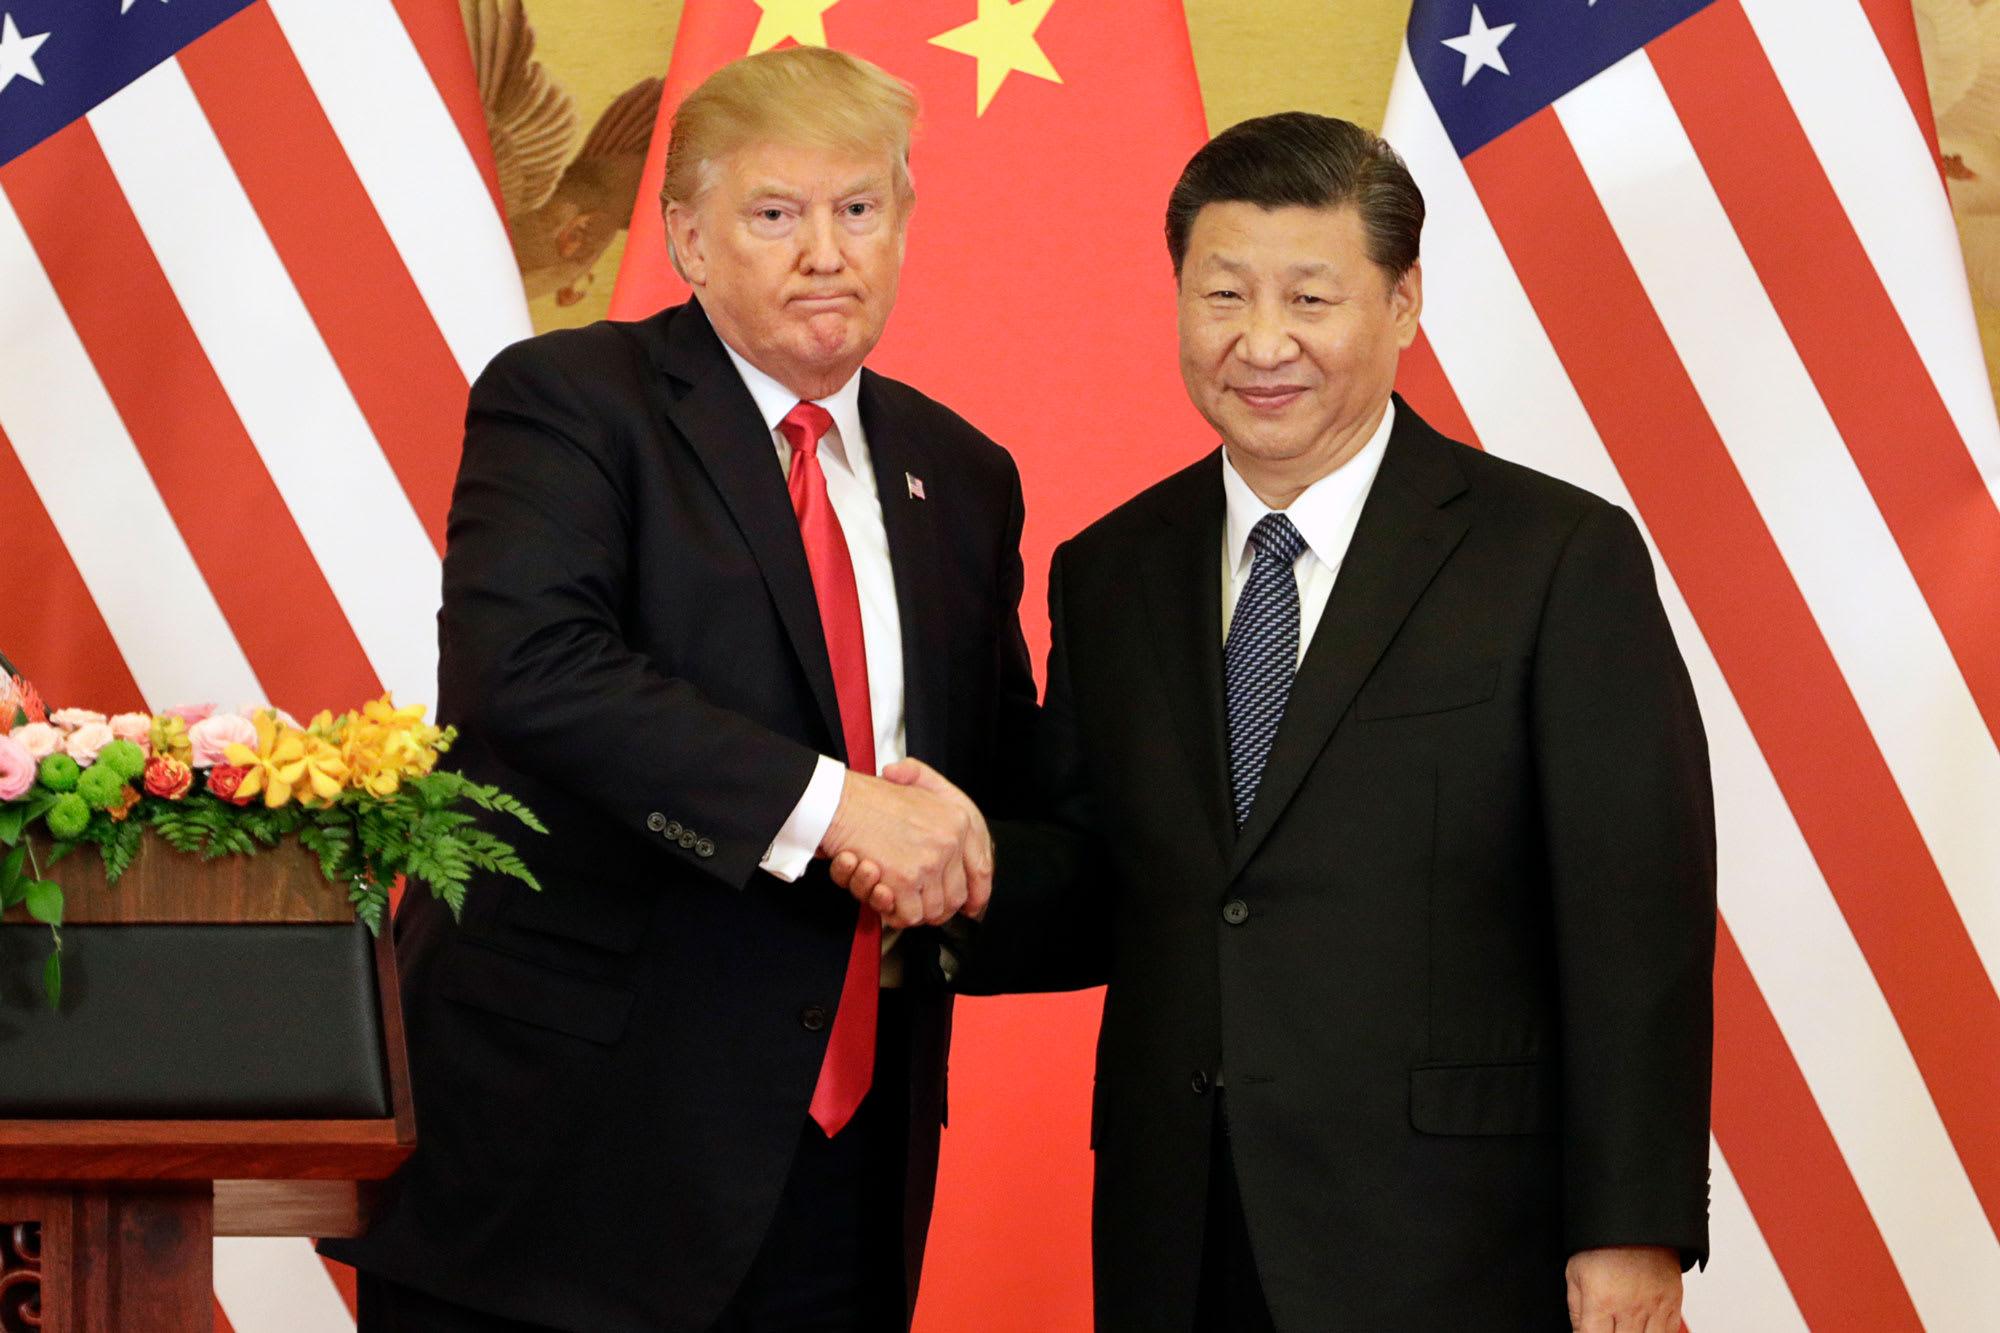 अमेरिकी राष्ट्रपति  ट्रम्पले दोस्रोपटक राष्ट्रपति चुनिन चीनको गुहार